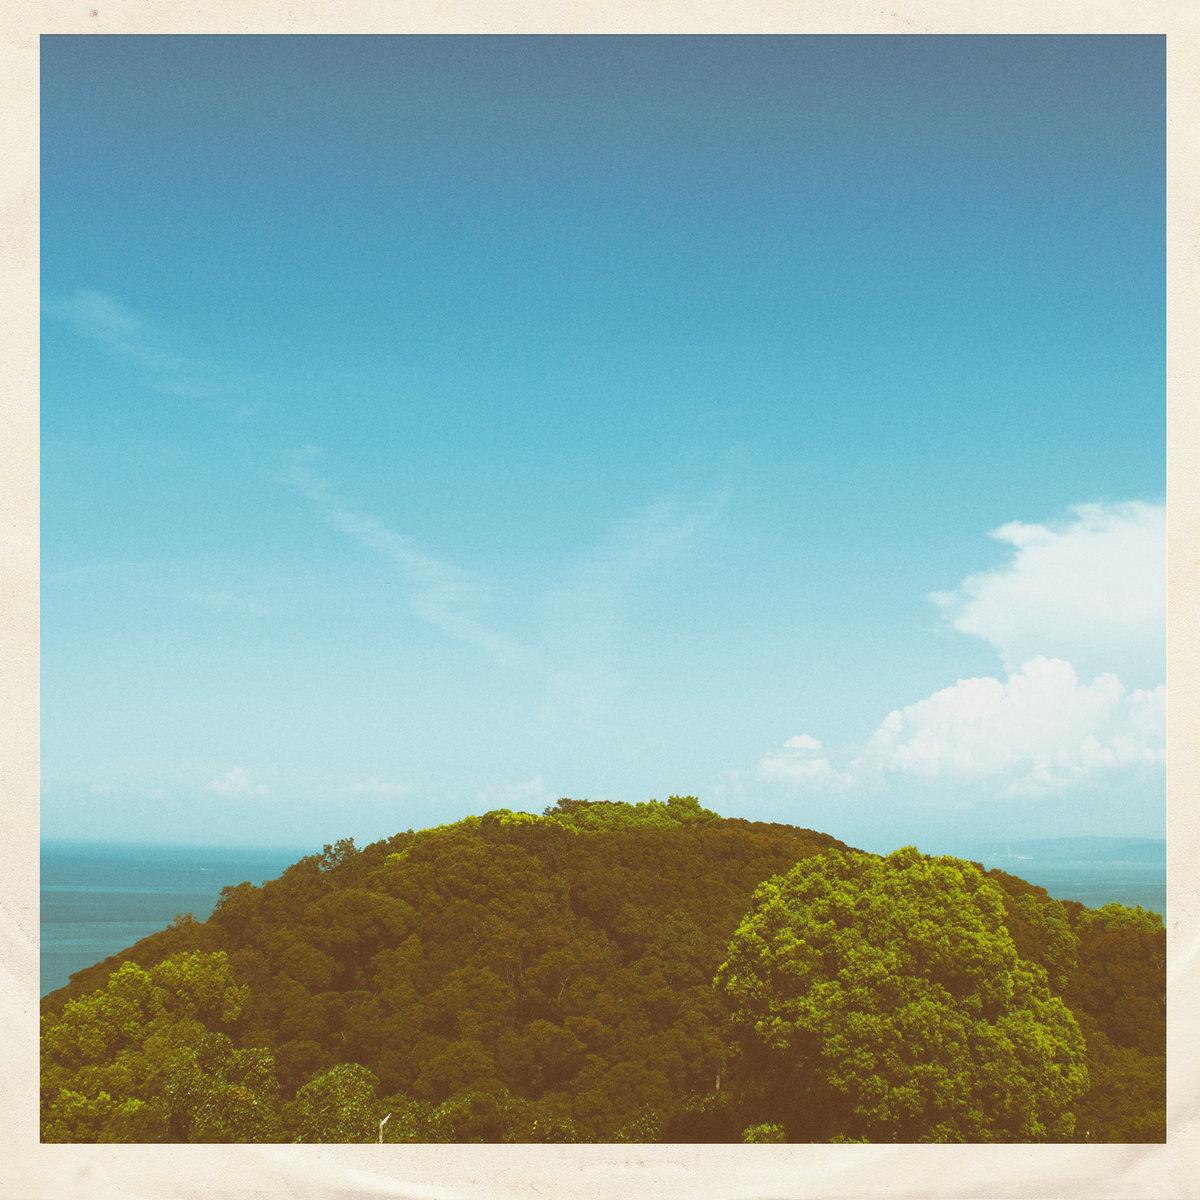 Vanilla - Pointbreak | Vetrackte Urlaubsstimmung als Stream und auf Vinyl